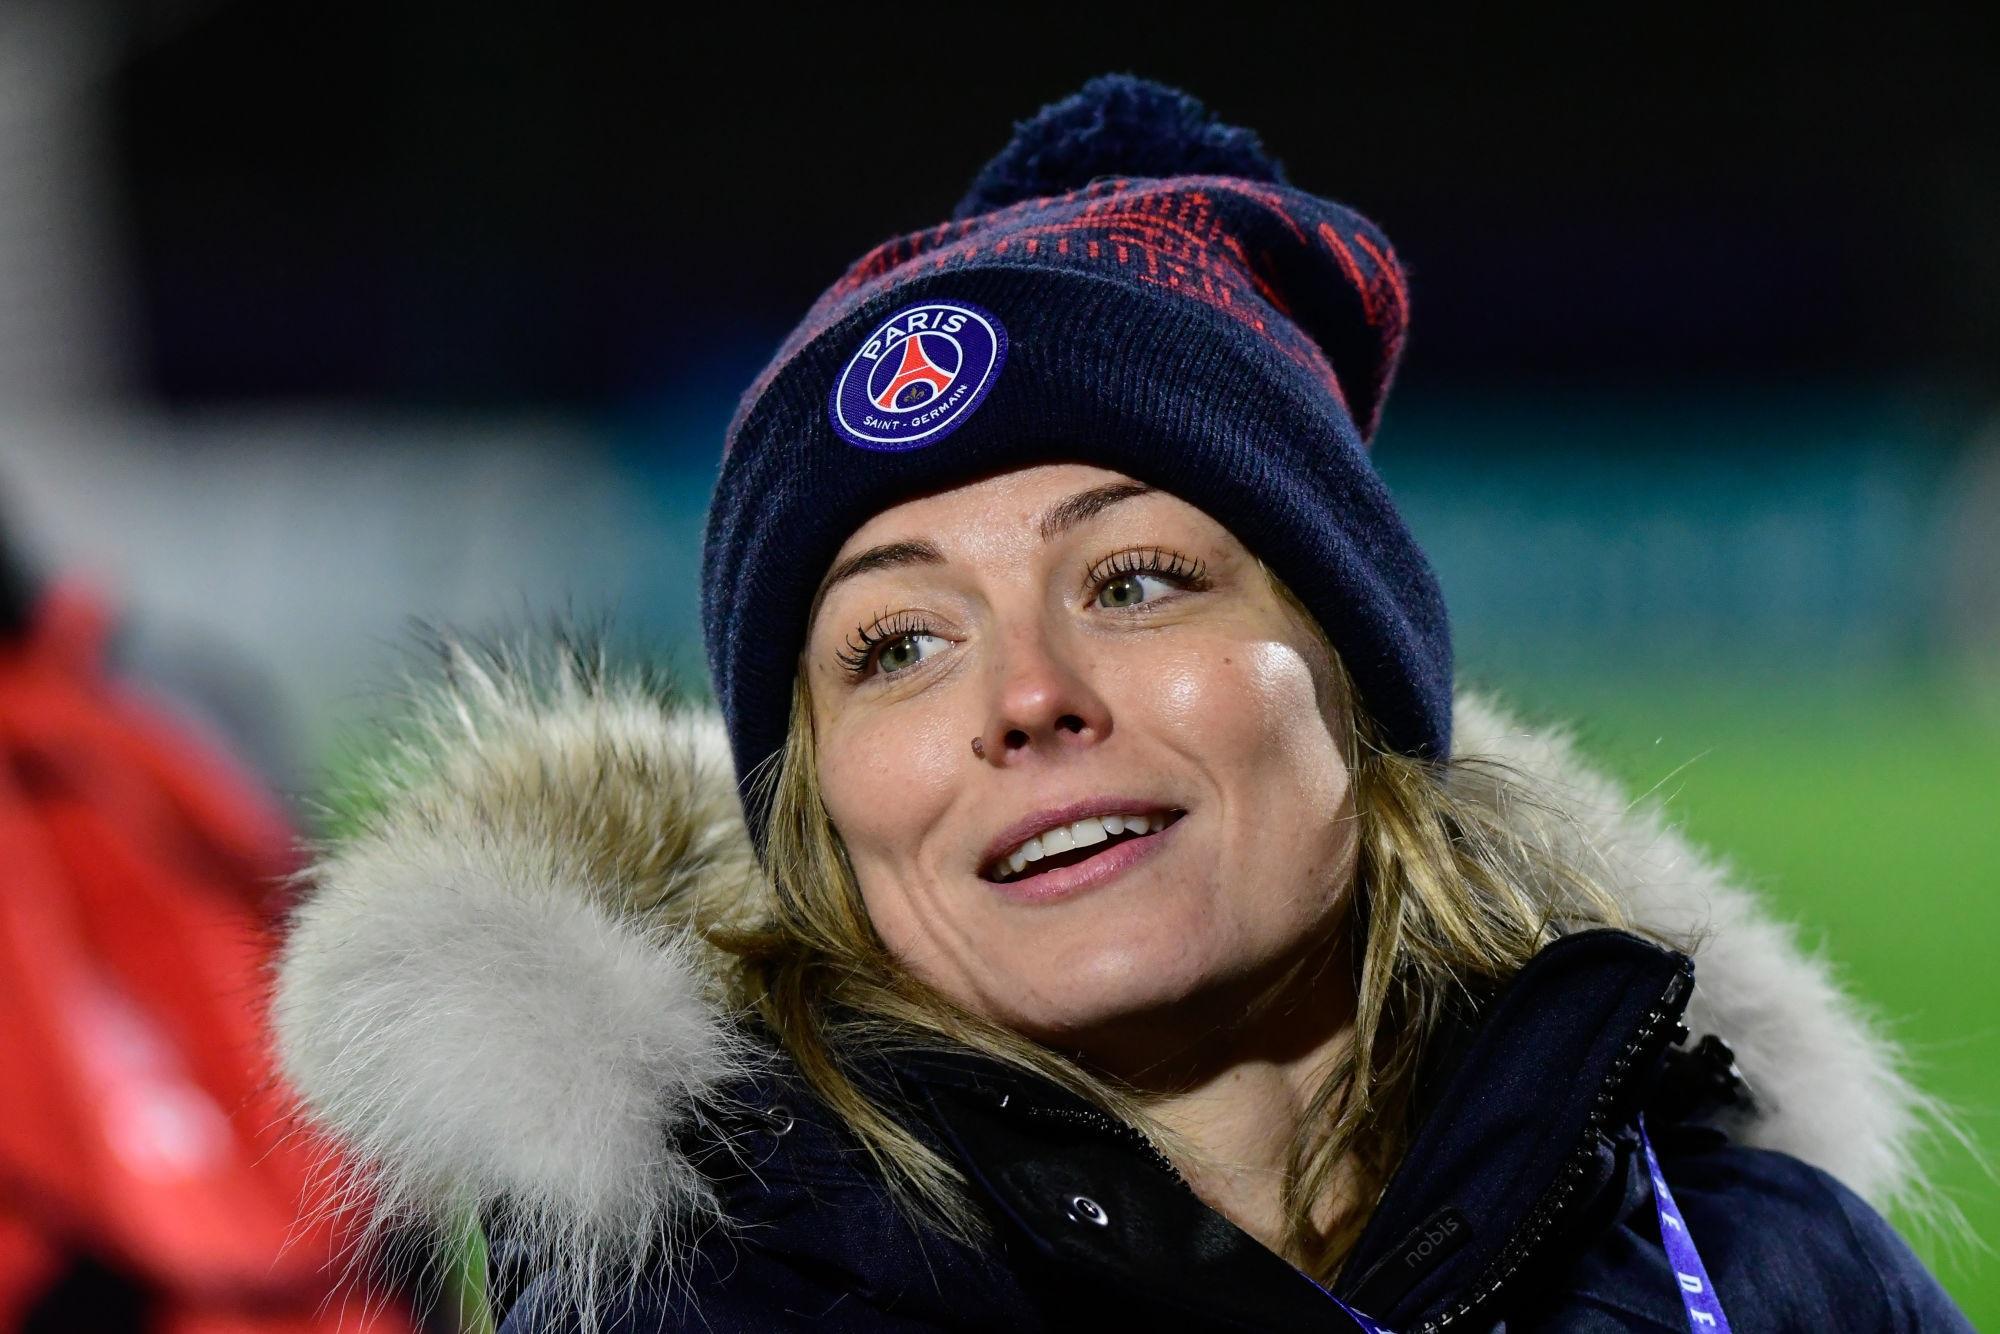 """PSG/Saint-Etienne - Boulleau souligne """"j'ai adoré c'est cette joie qu'ils ont eue à la fin du match"""""""